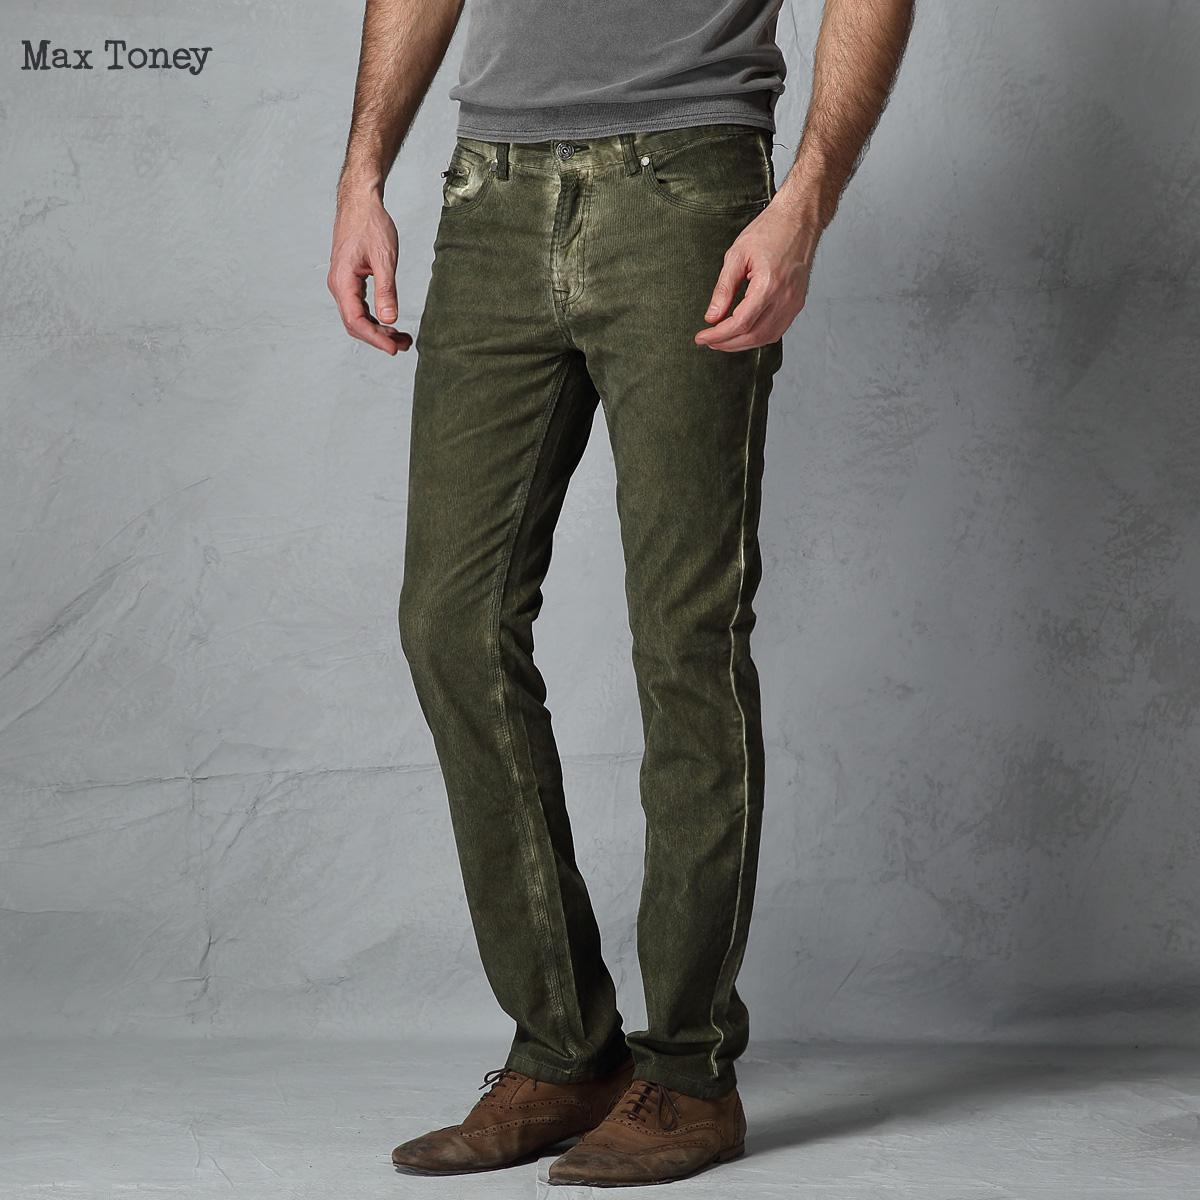 Макс Toney2015 новые продукты Италия мыть одежду, крашеный ВЕЛЬВЕТ Мужские брюки и отдыха 13900